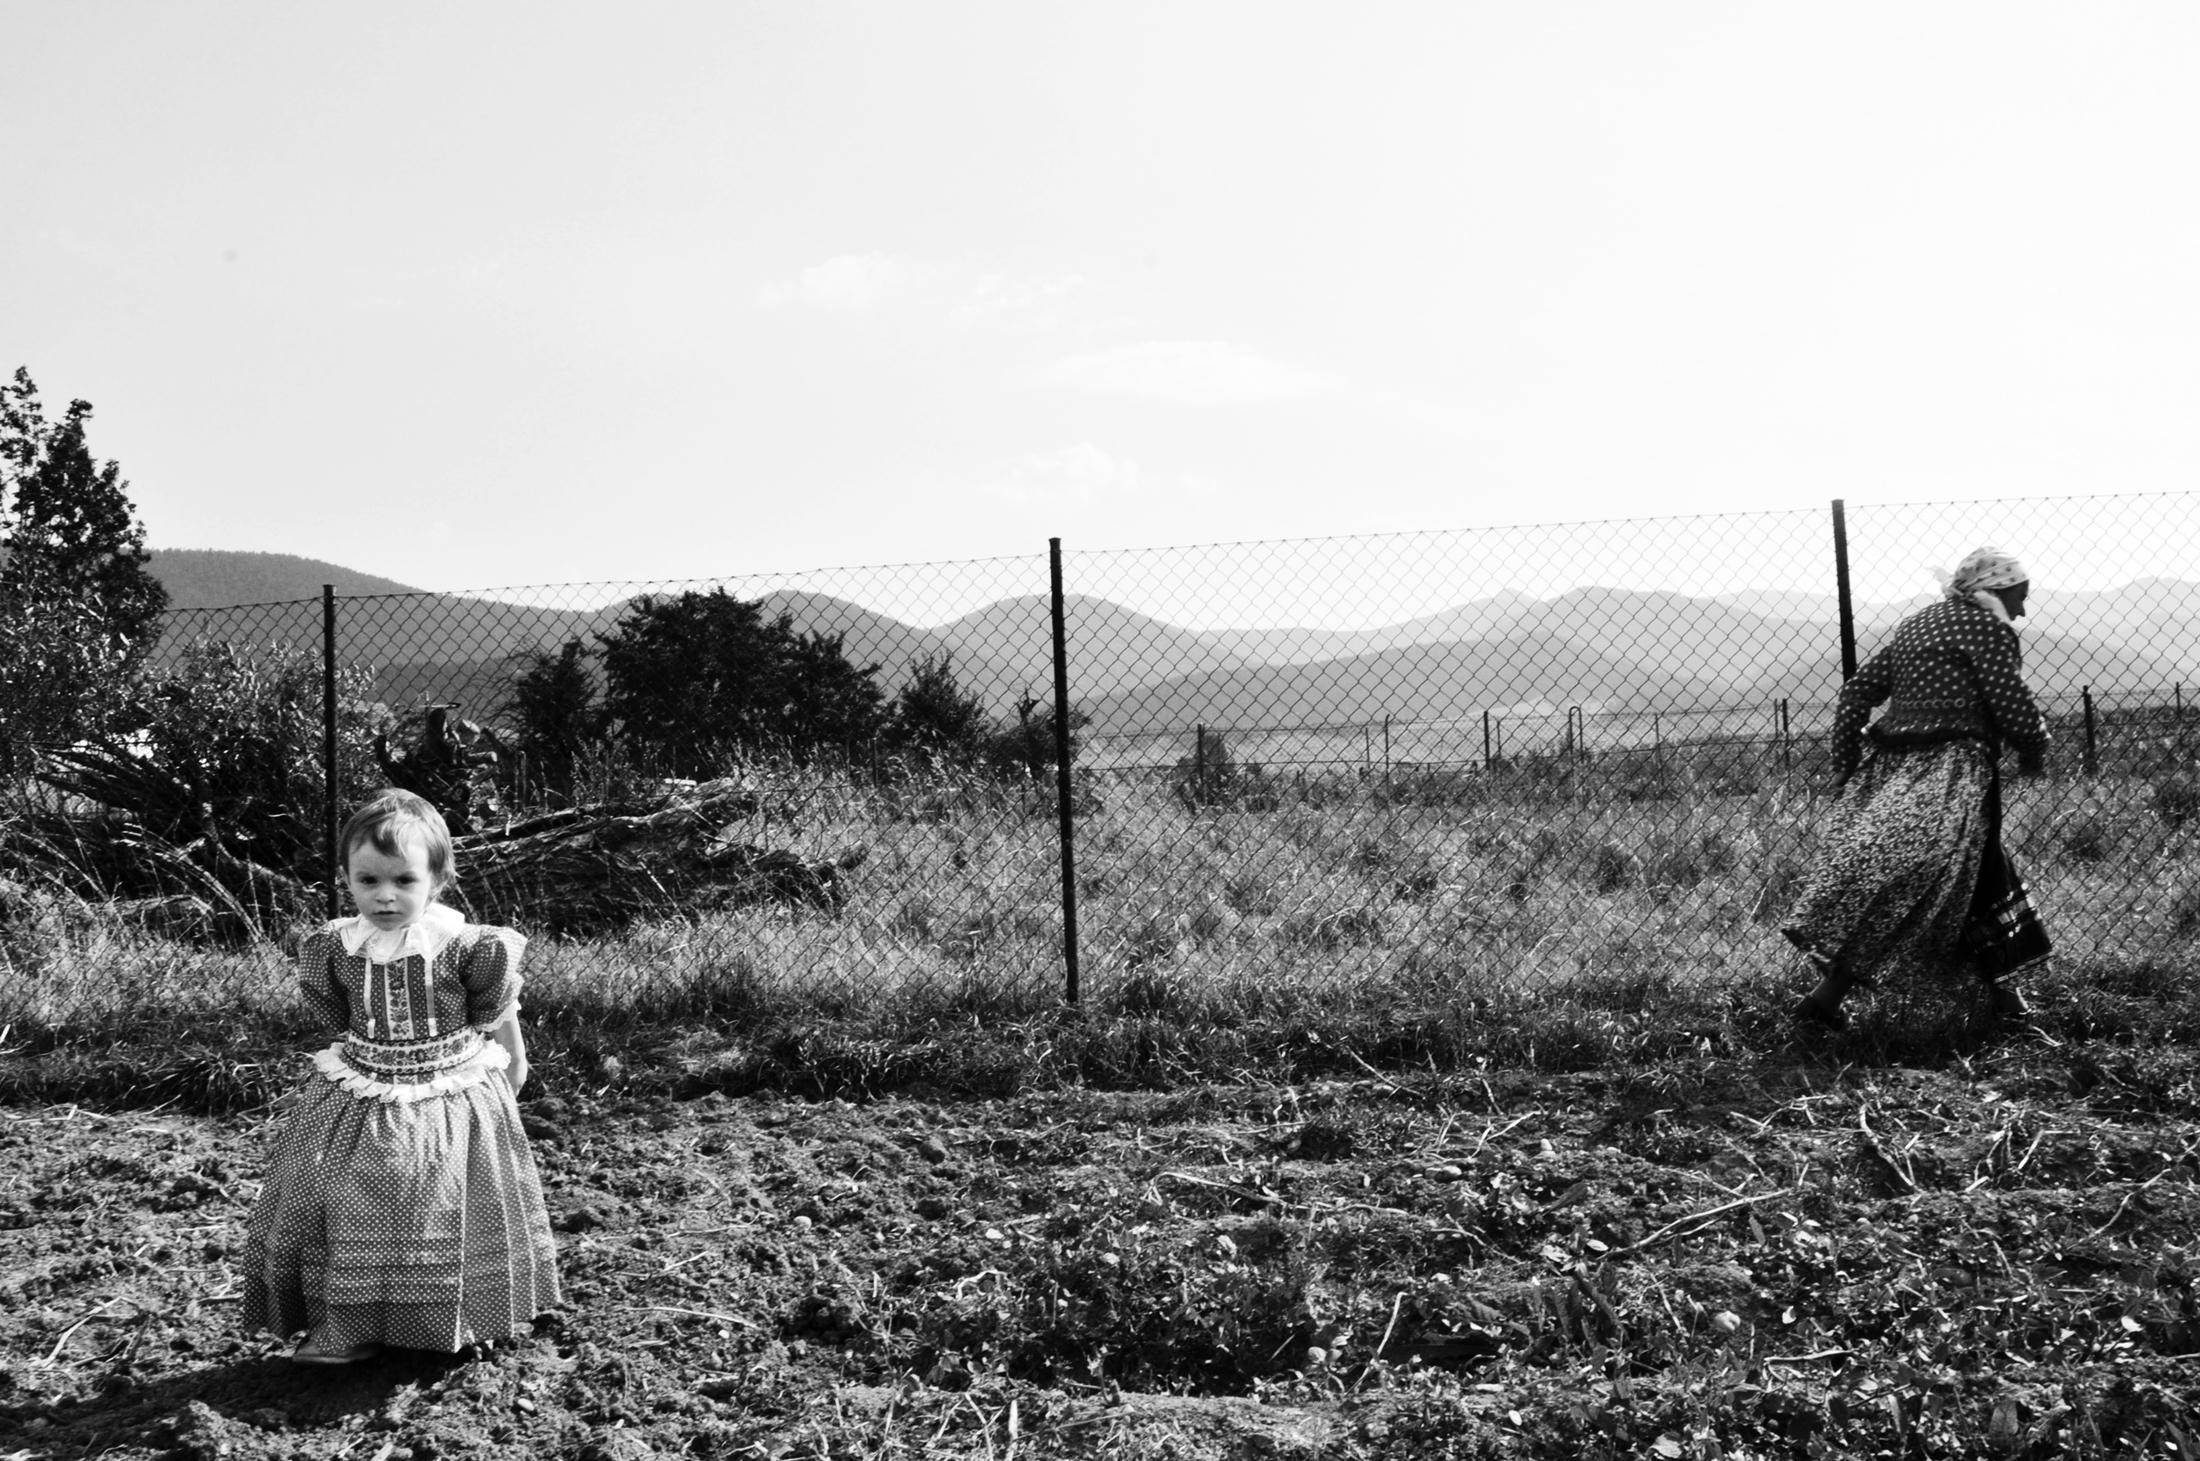 Pozrite si unikátne fotografie zachytávajúce životy starých ľudí a detí |  Sóda